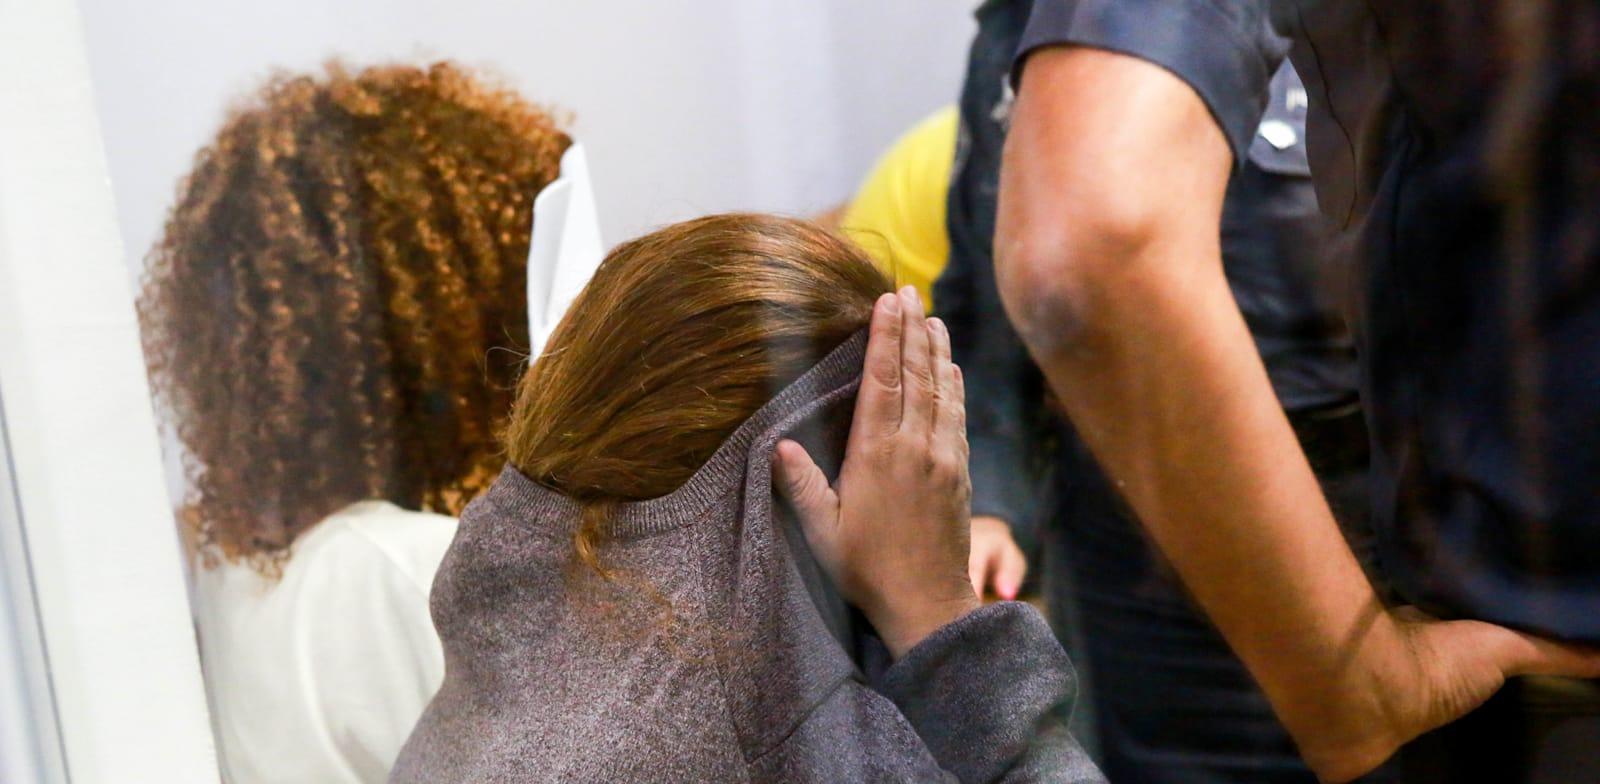 קורבנות סחר בנשים. המדינה לא עושה מספיק כדי למנוע את התופעה / צילום: שלומי יוסף